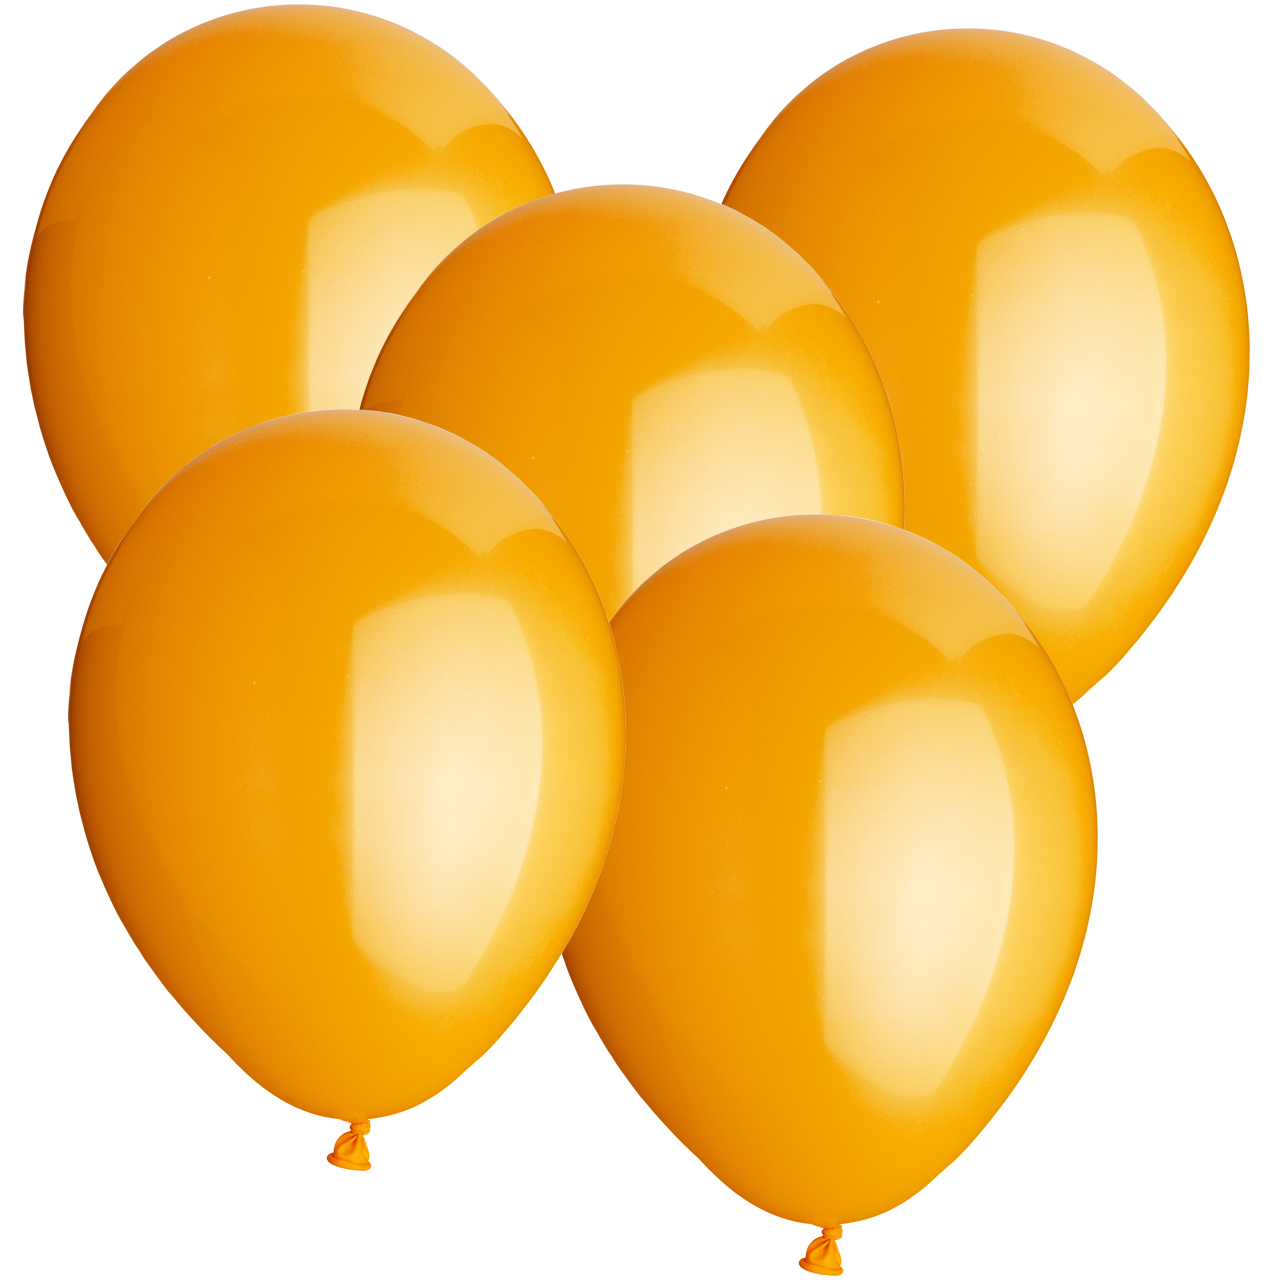 Ballon Boutique Luftballon 30cm Weiß Luftballon Weiß